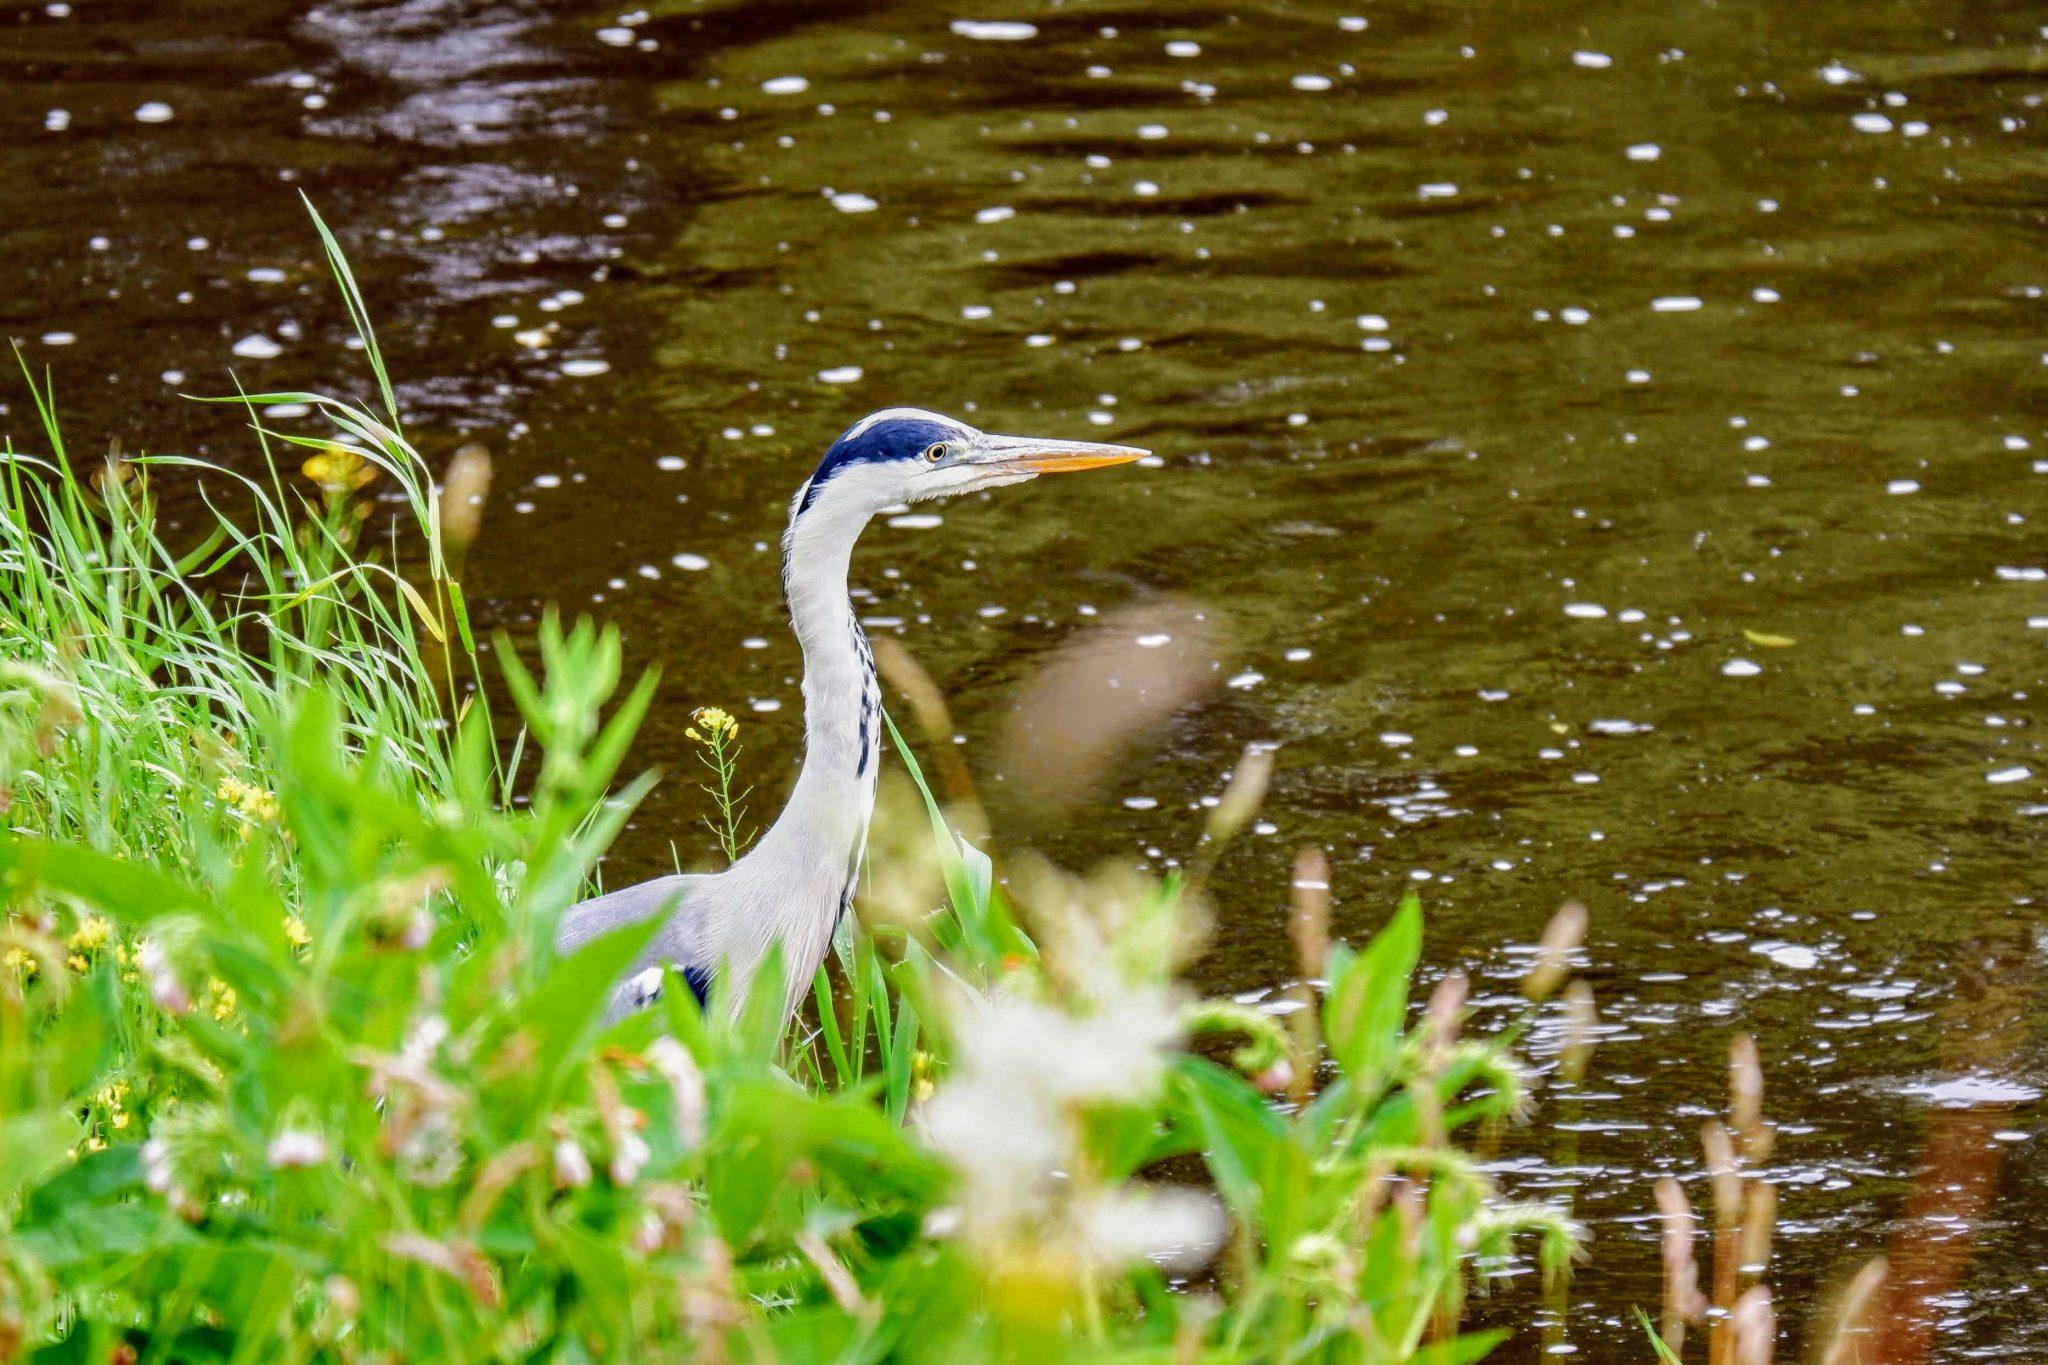 Grey heron, River Mersey, Chorlton